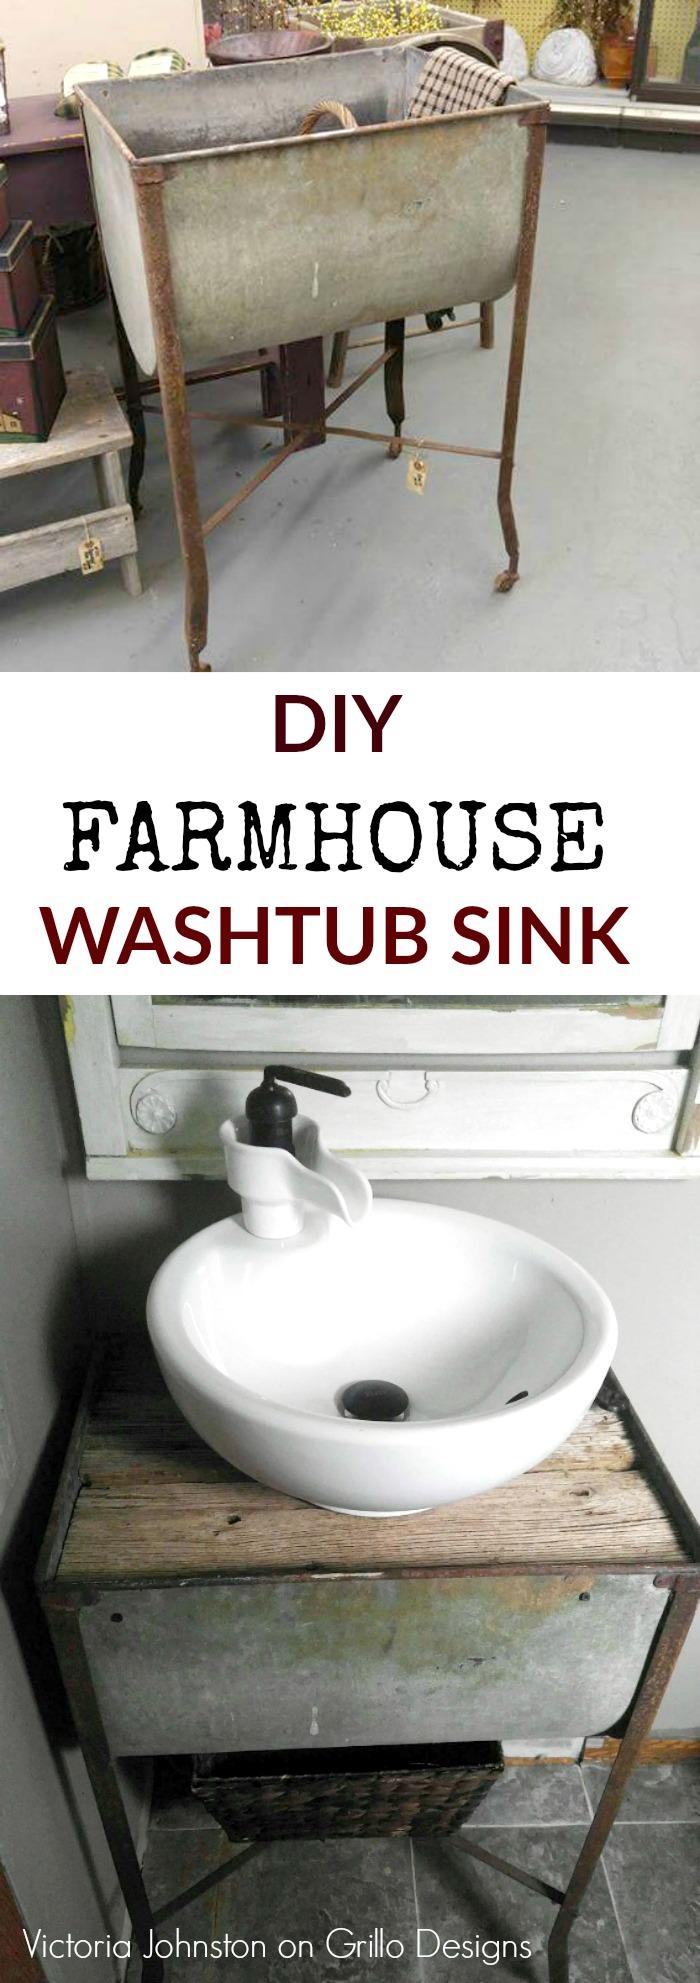 diy farmhouse washtub sink pinterest - Wash Tub Sink